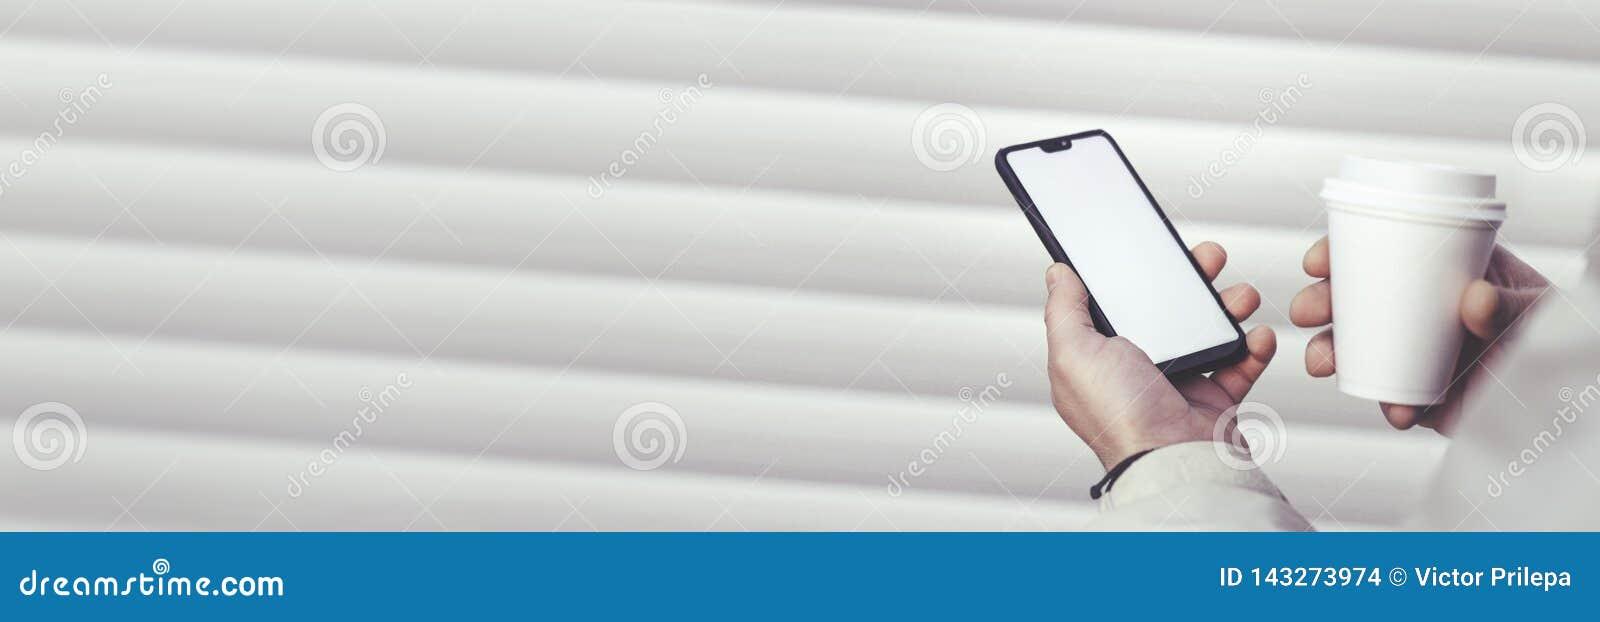 Falso para arriba de un smartphone y de una taza plástica con café en las manos de un individuo en un fondo blanco